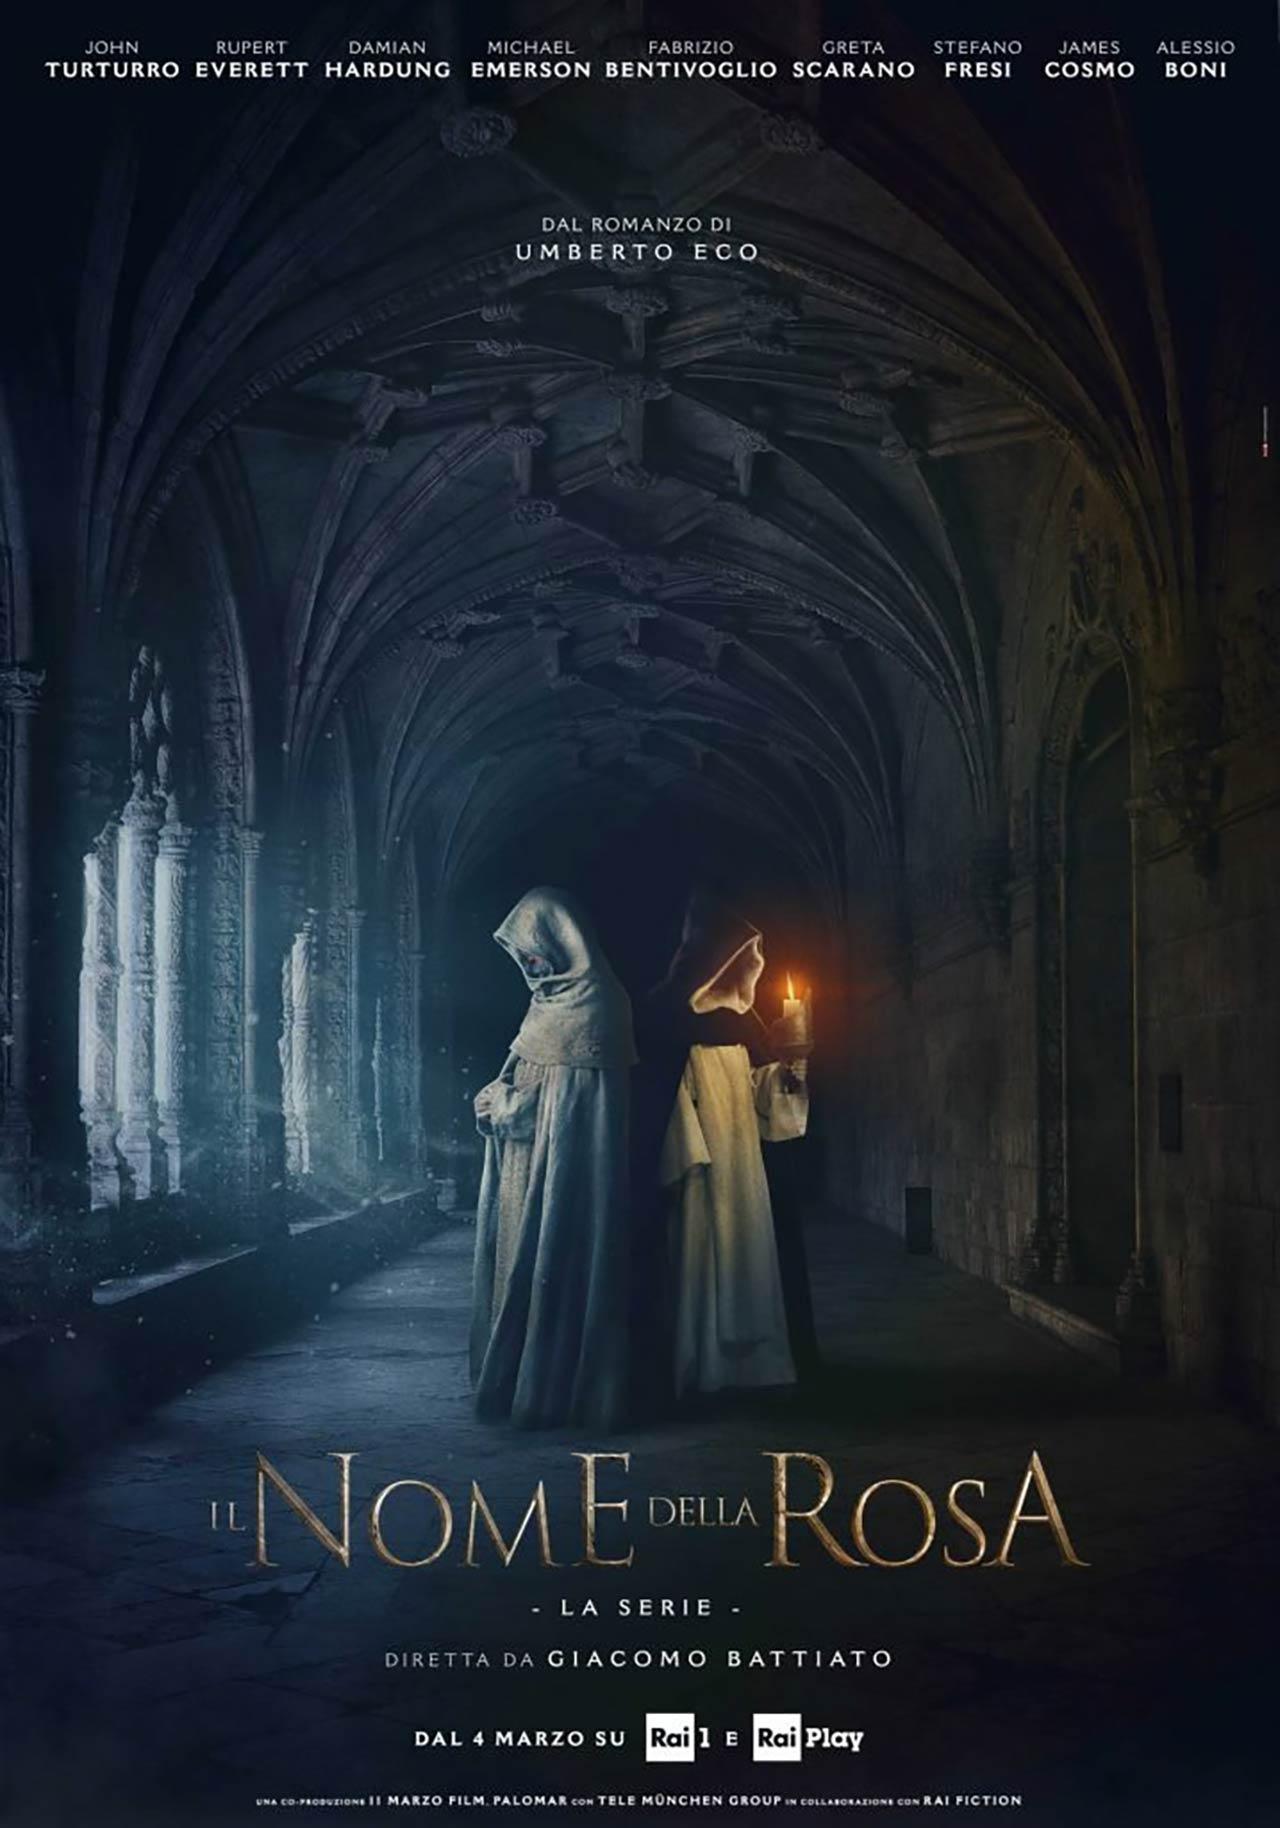 Il nome della rosa - miniserie